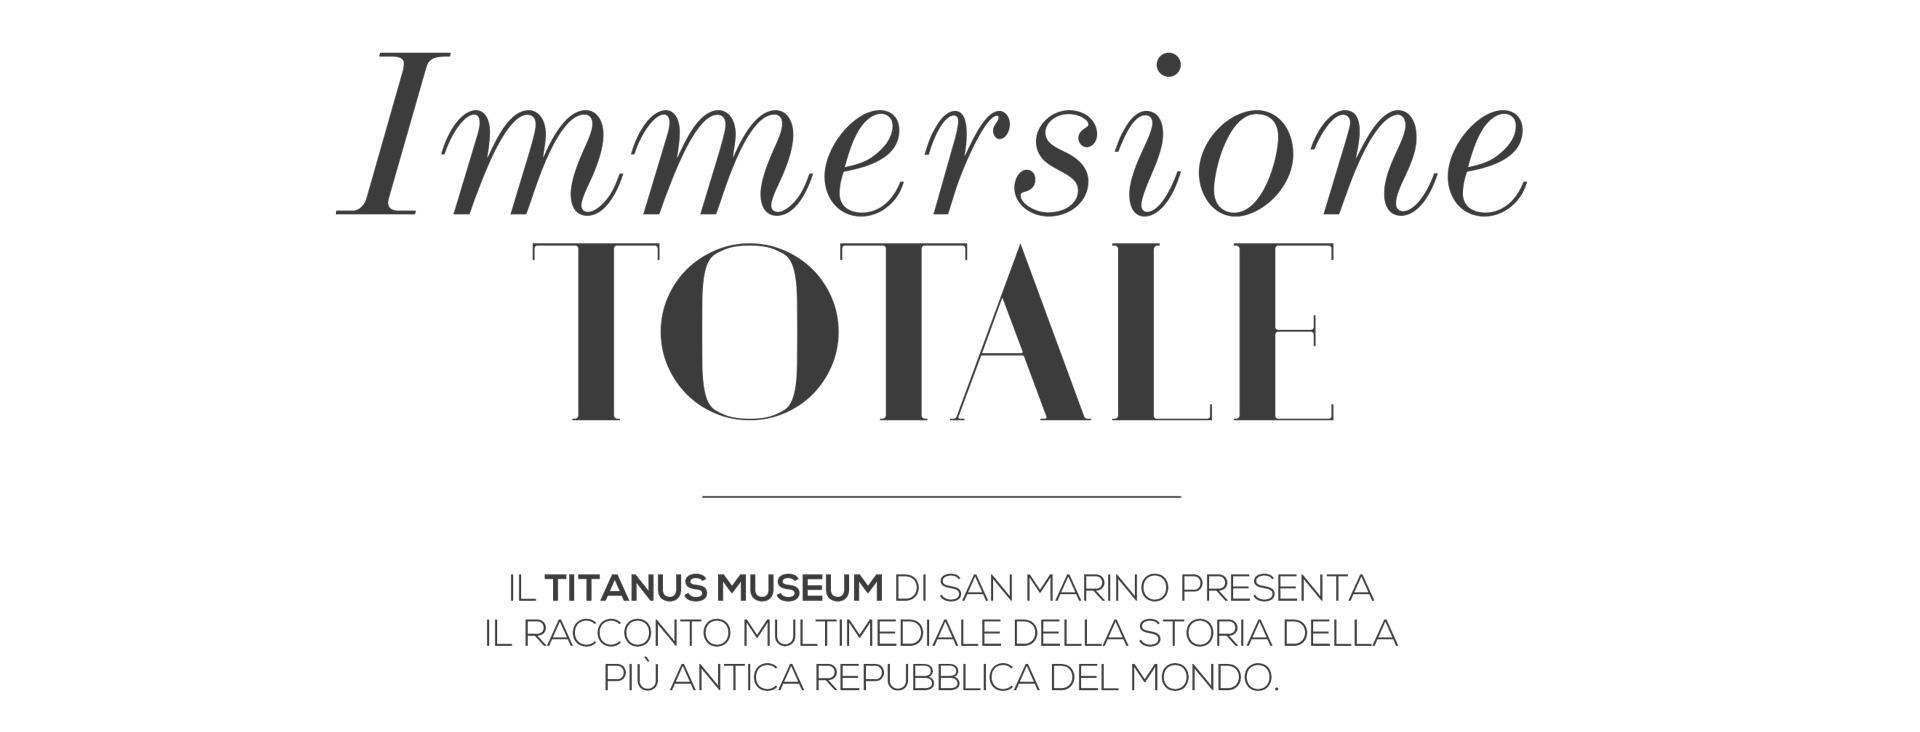 8896In Magazine parla del nostro ultimo lavoro di produzione del museo multimediale Titanus Museum di San Marino